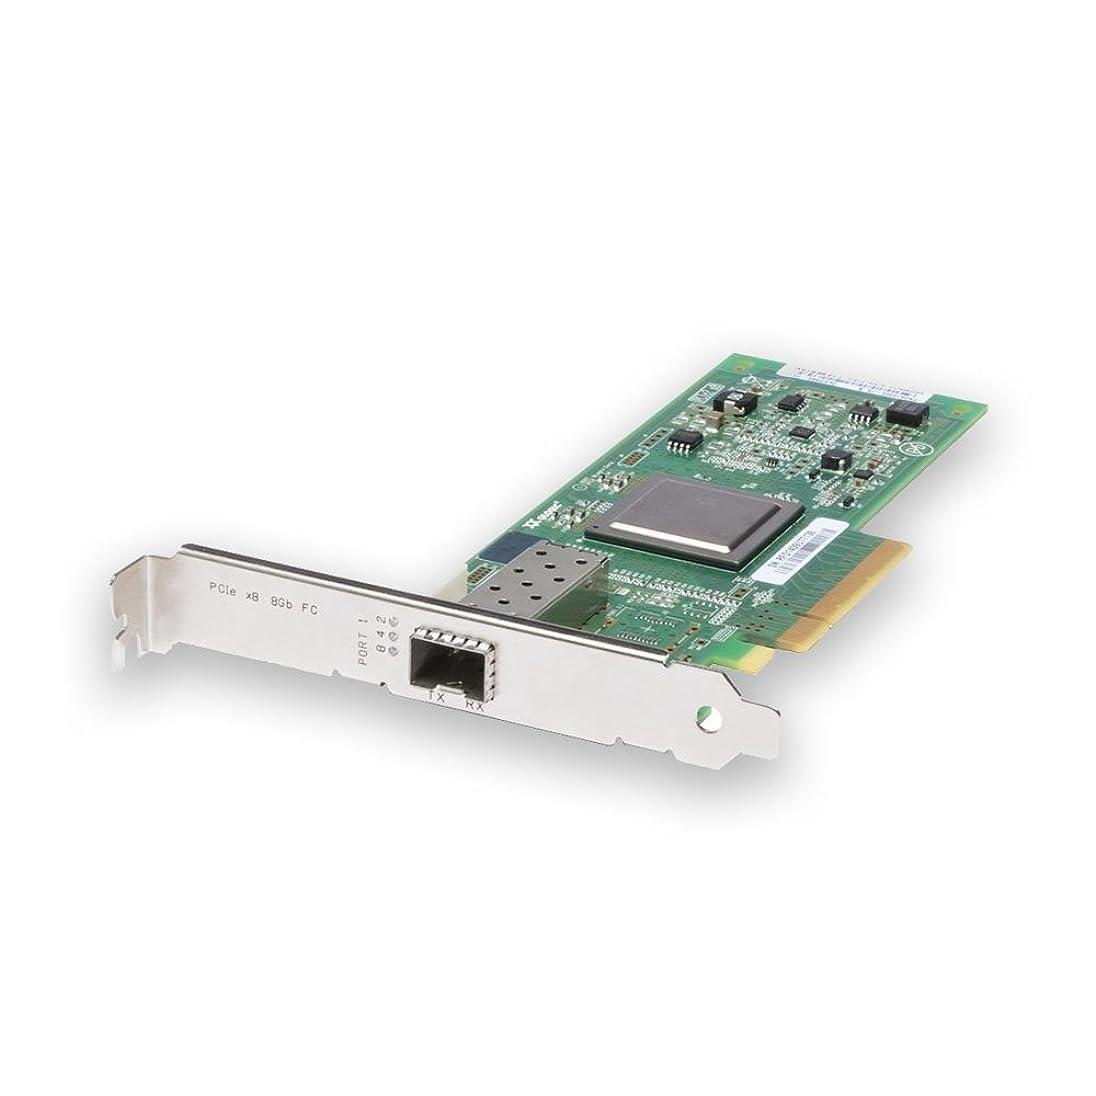 ドナー酸化するアンプDell/Intel Pro 1000SX ファイバーPCI-X 1ポート (X0884) (認定リファービッシュ品)